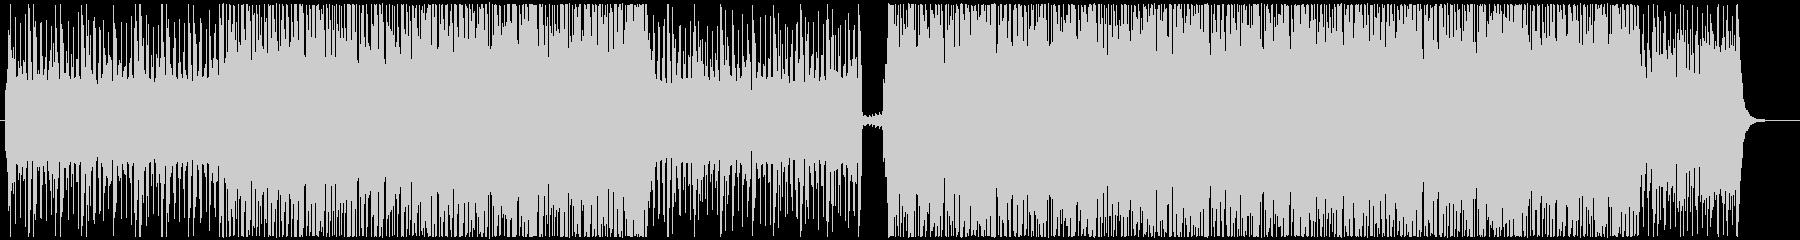 スタイリッシュなピアノのHip Hopの未再生の波形